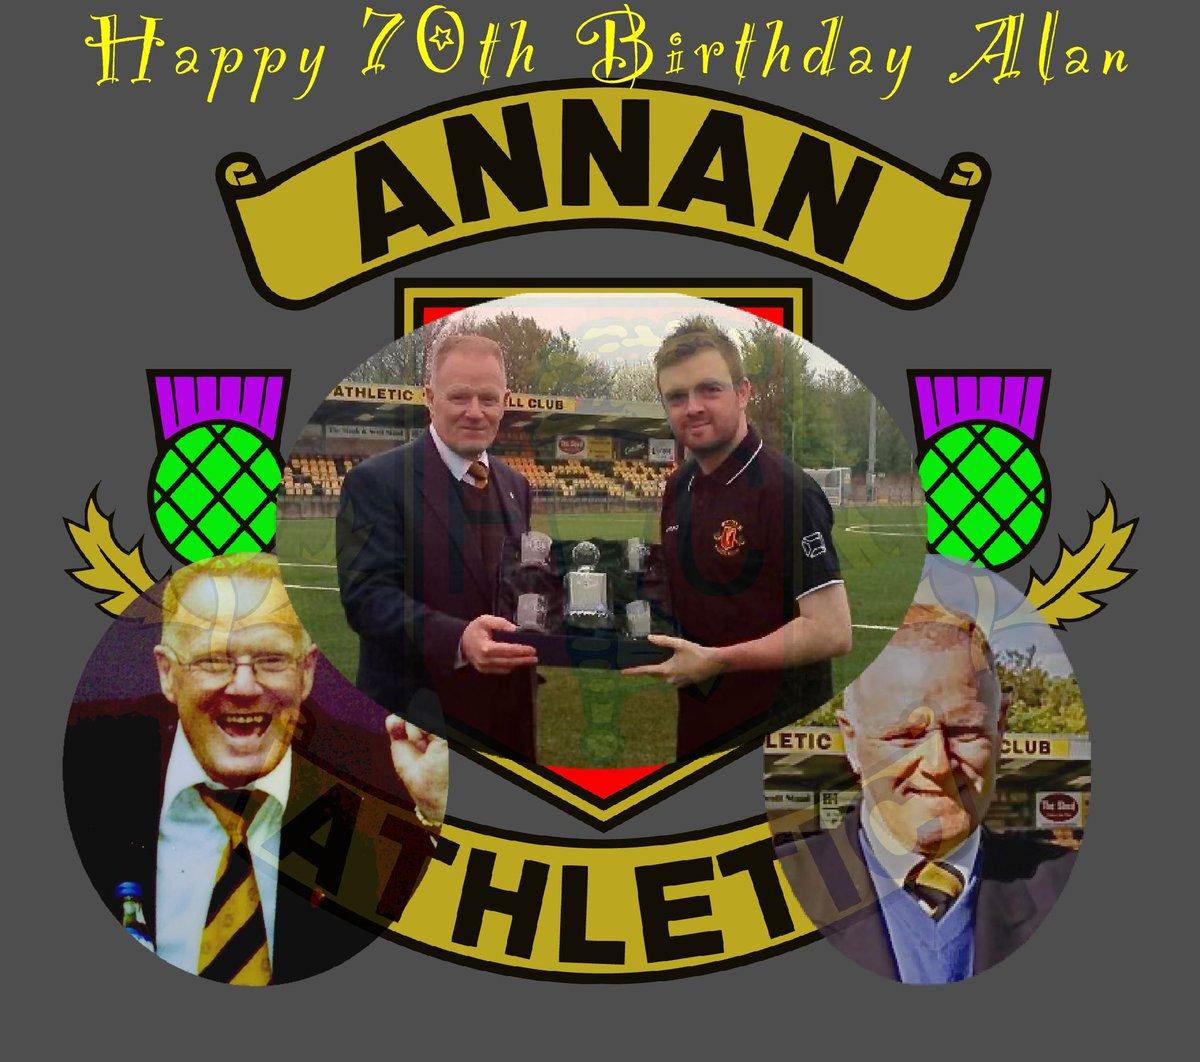 Annan Athletic FC (at 🏠)